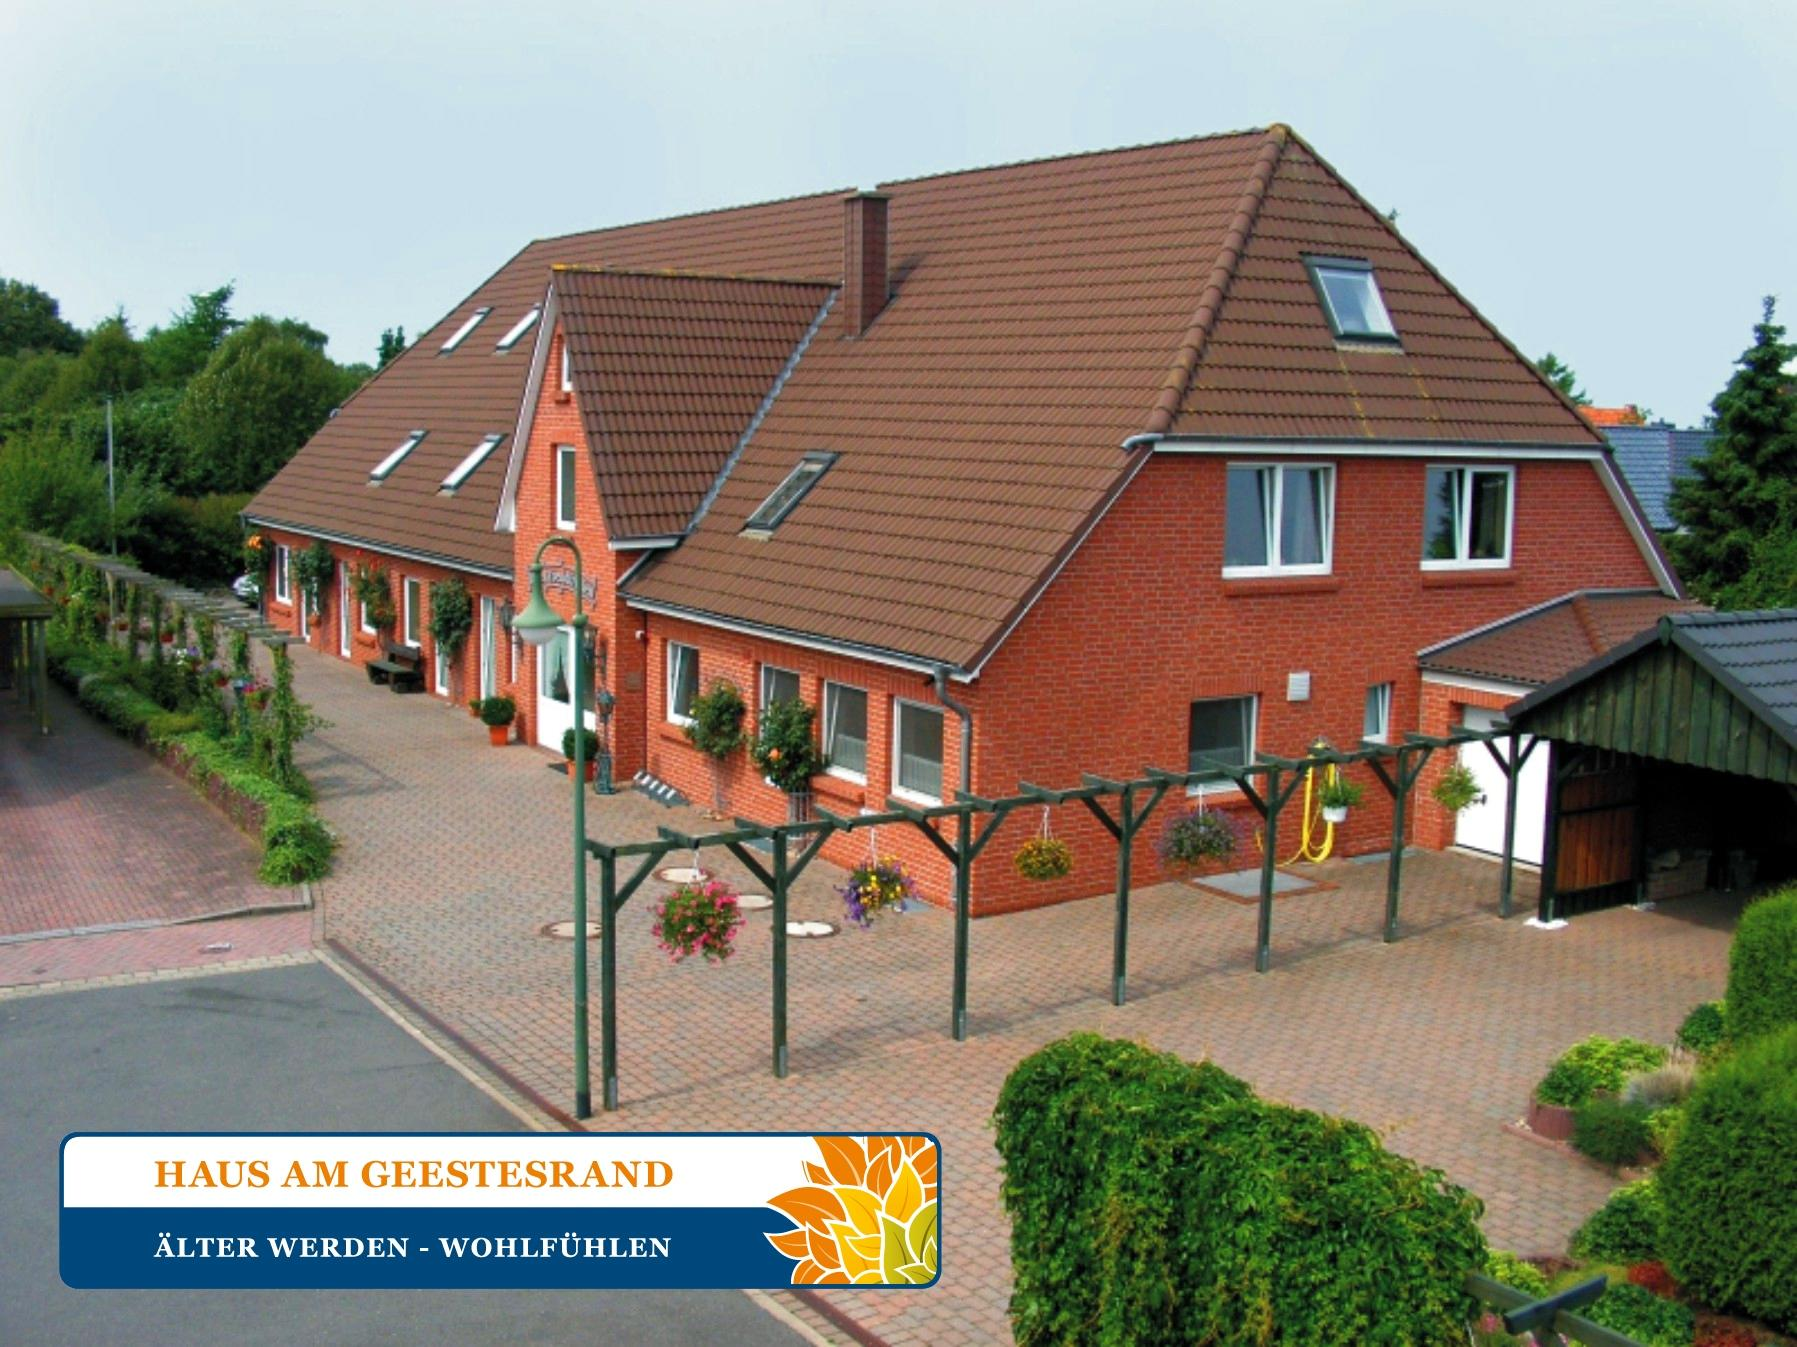 Haus am Geestesrand - Senioreneinrichtung